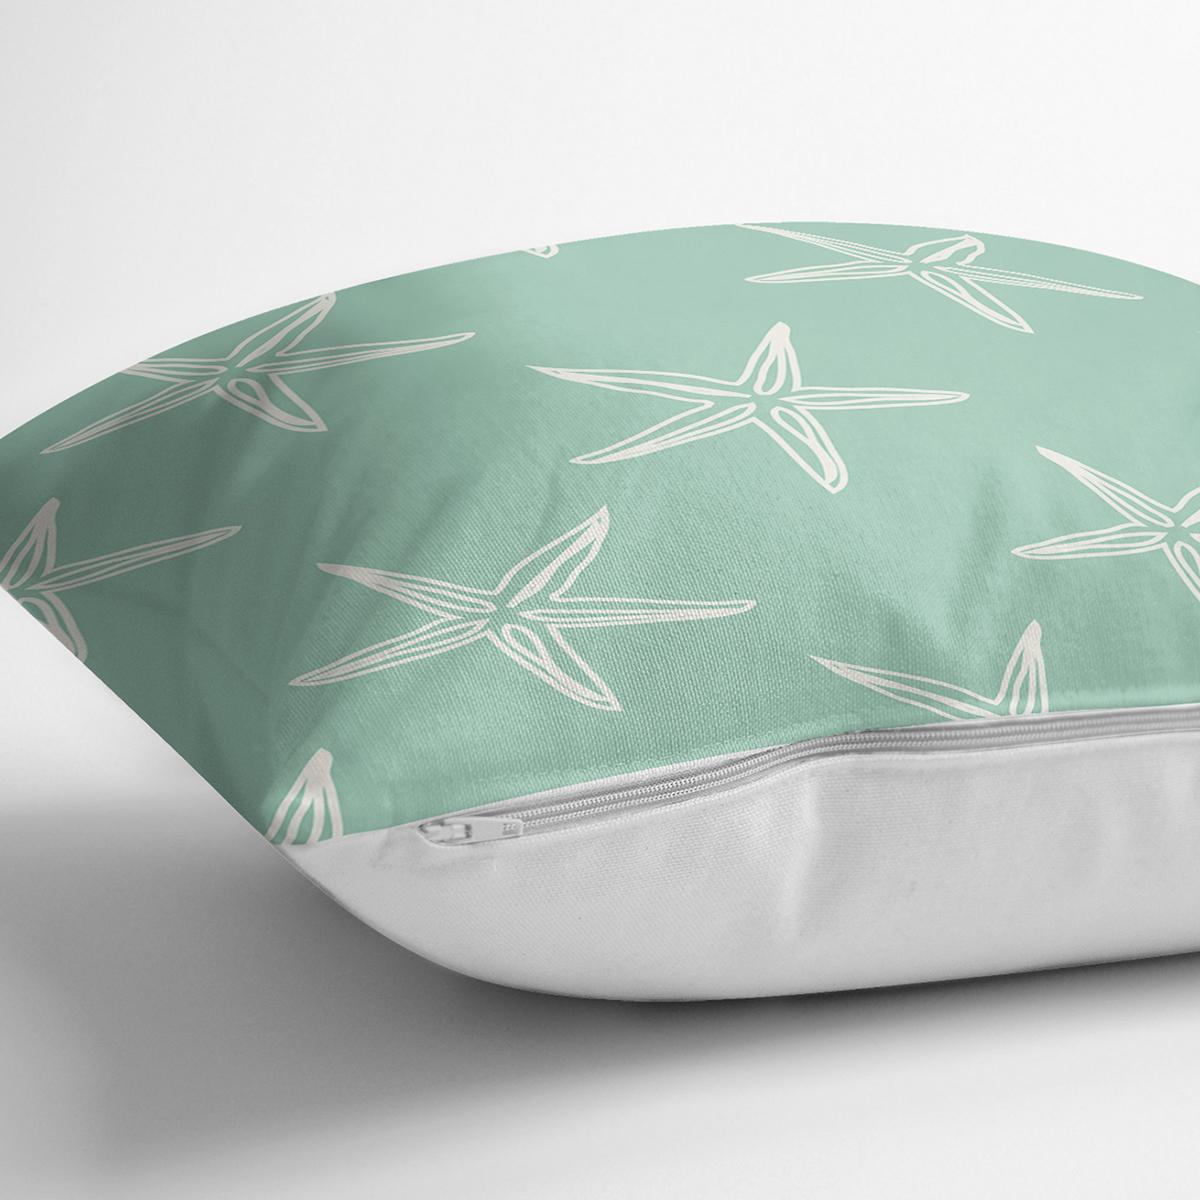 Yeşil Zeminde Krem Deniz Yıldızı Tasarımlı Dijital Baskılı Modern Yastık Kılıfı Realhomes